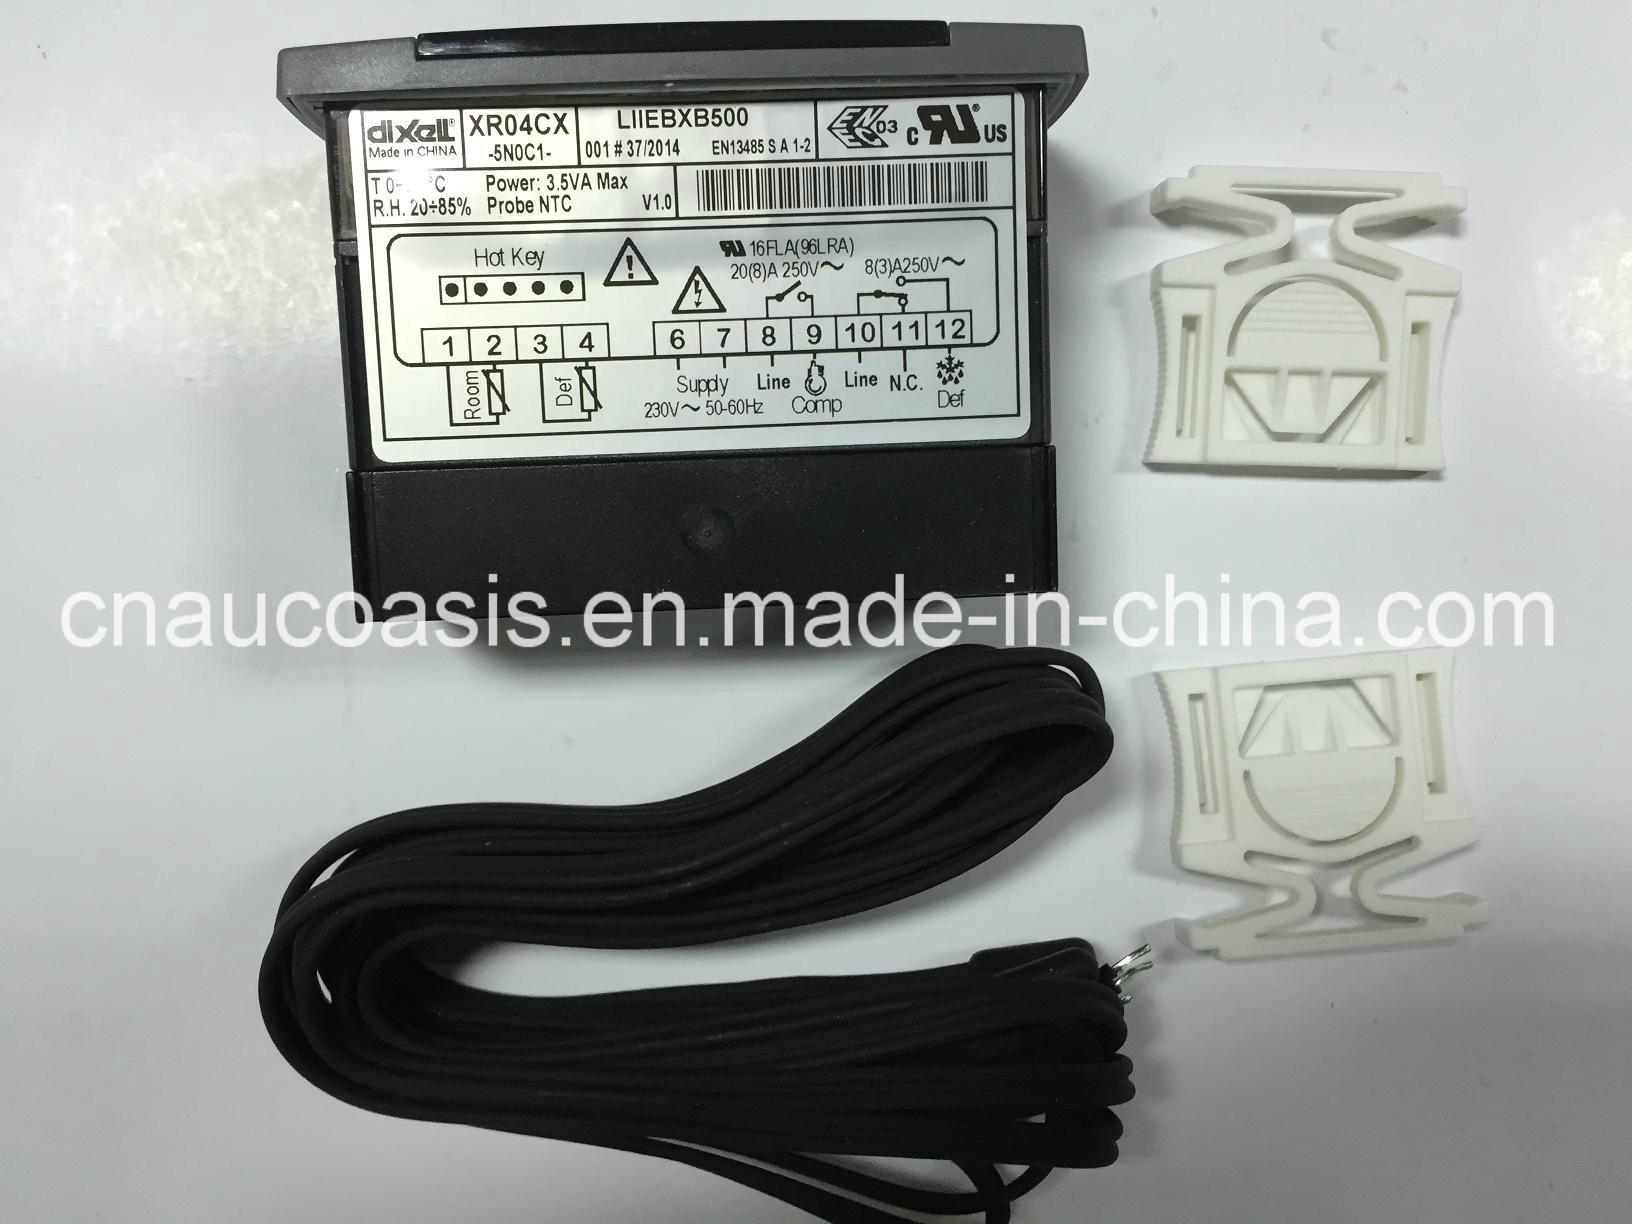 DIXELL XR30CX-5N0C1-230V AC